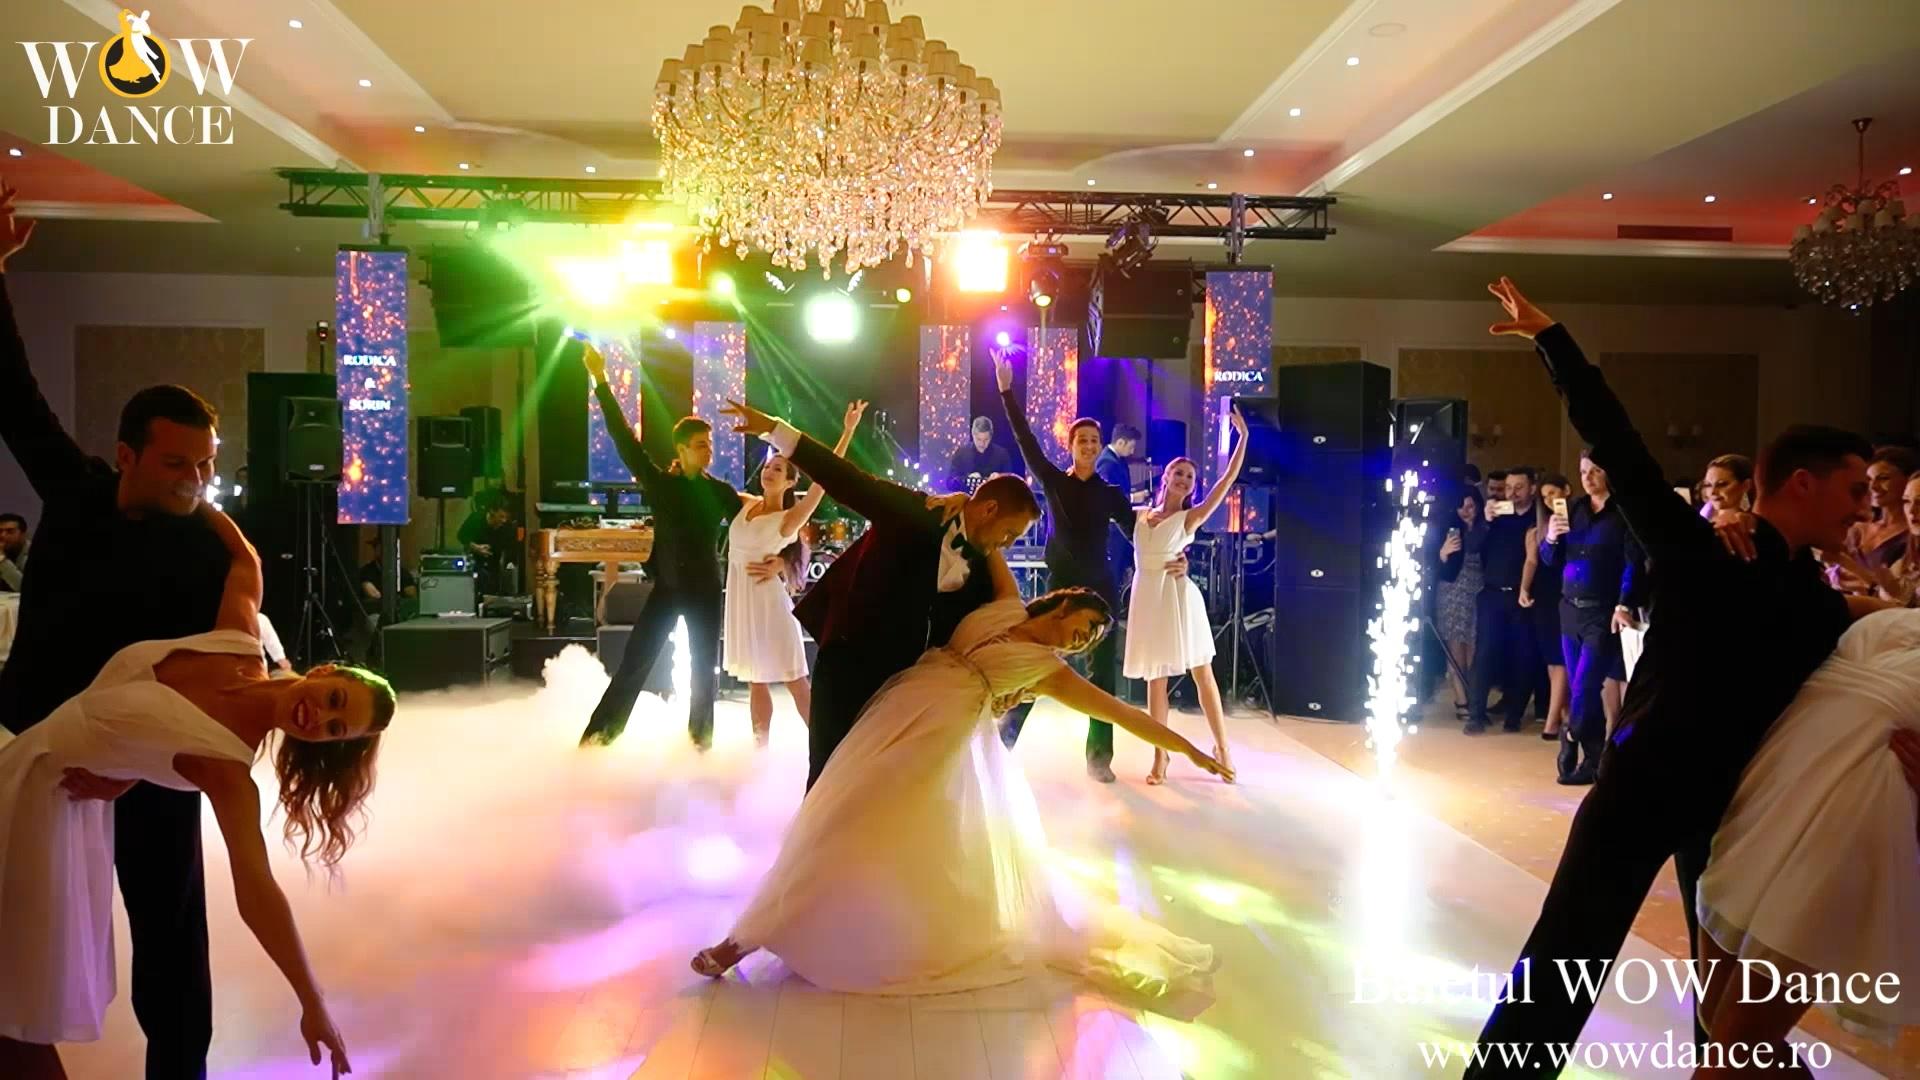 Dansatori Nunta | Baletul WOW Dance - Dansatori Nunta Bucuresti - http://wowdance.ro/dansatori-nunta/